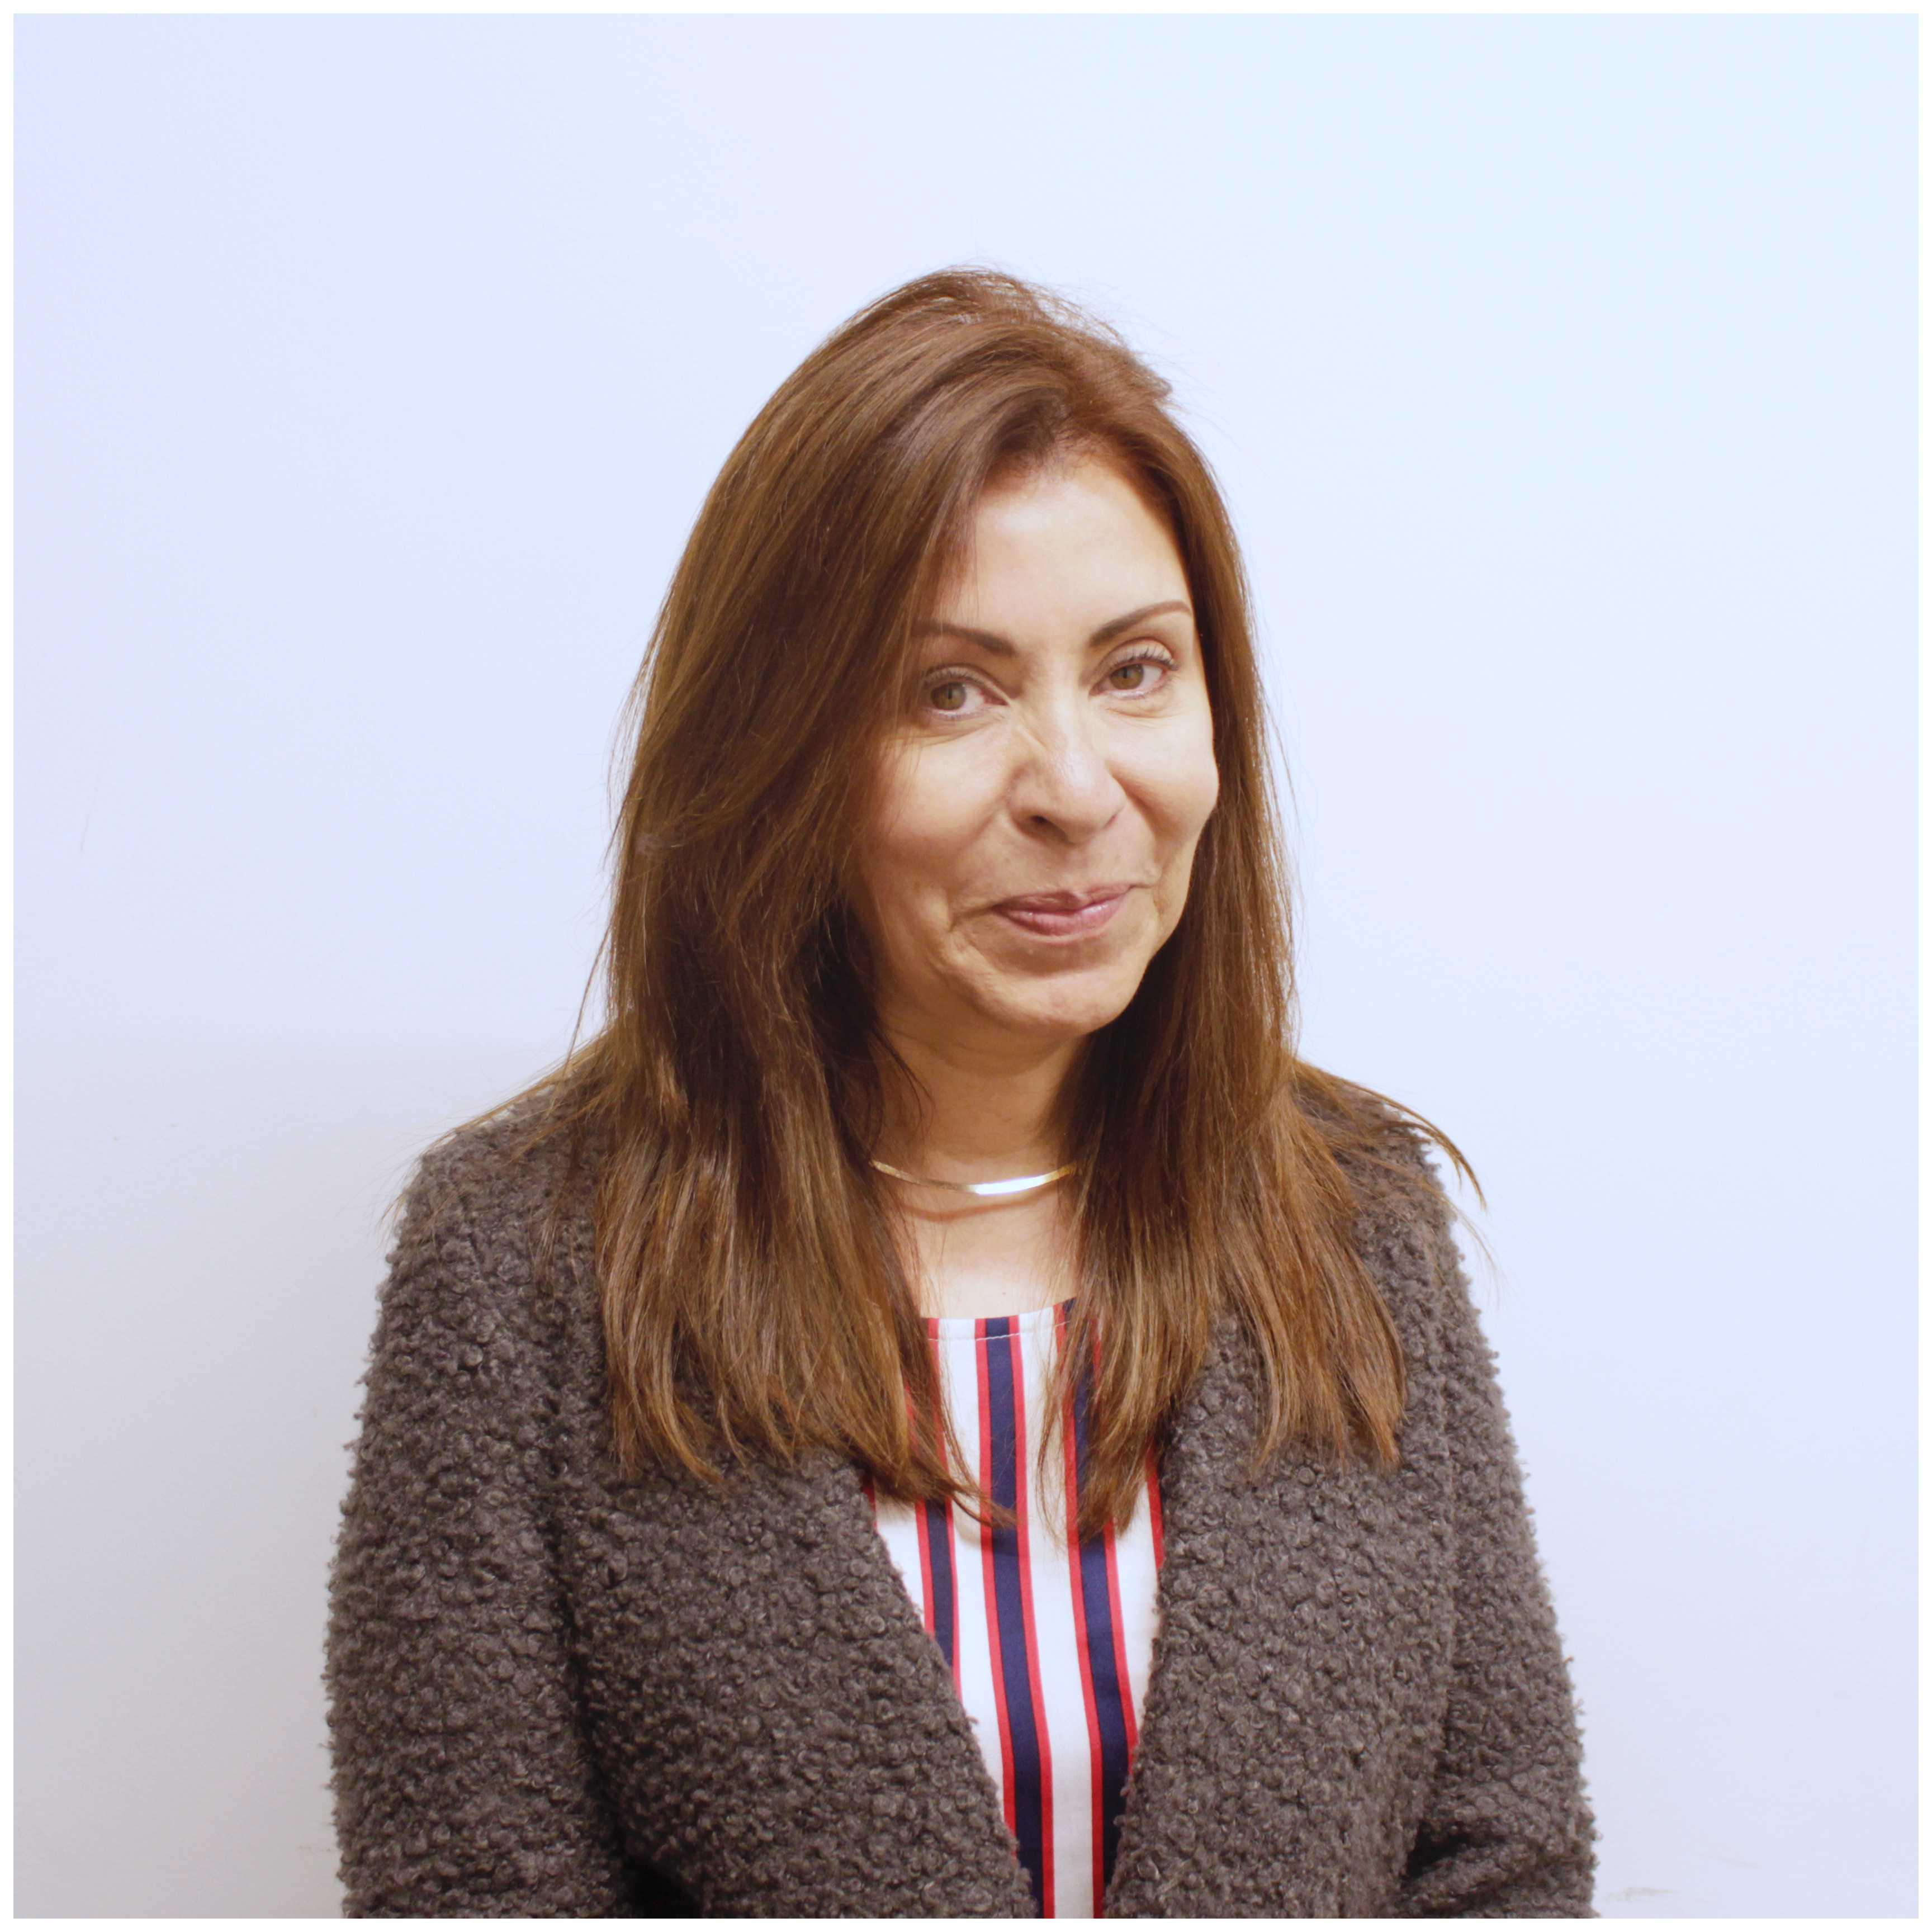 Alba Cristina Aparicio